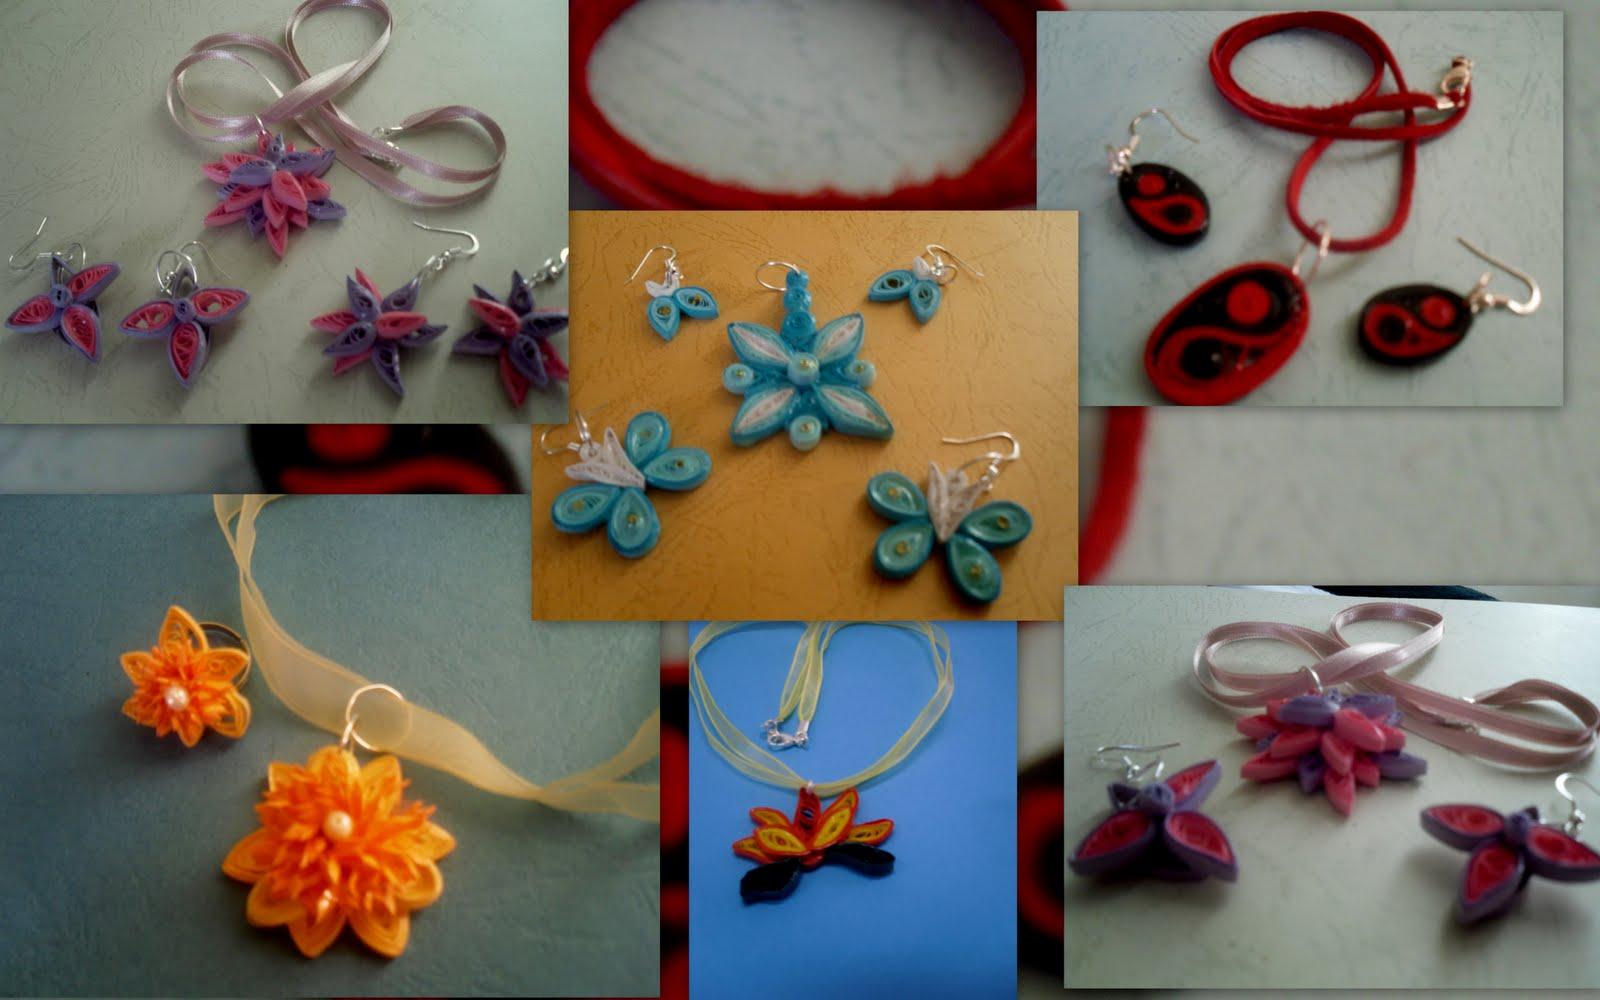 Bijuterii finalizate care au fost daruite cu mare drag